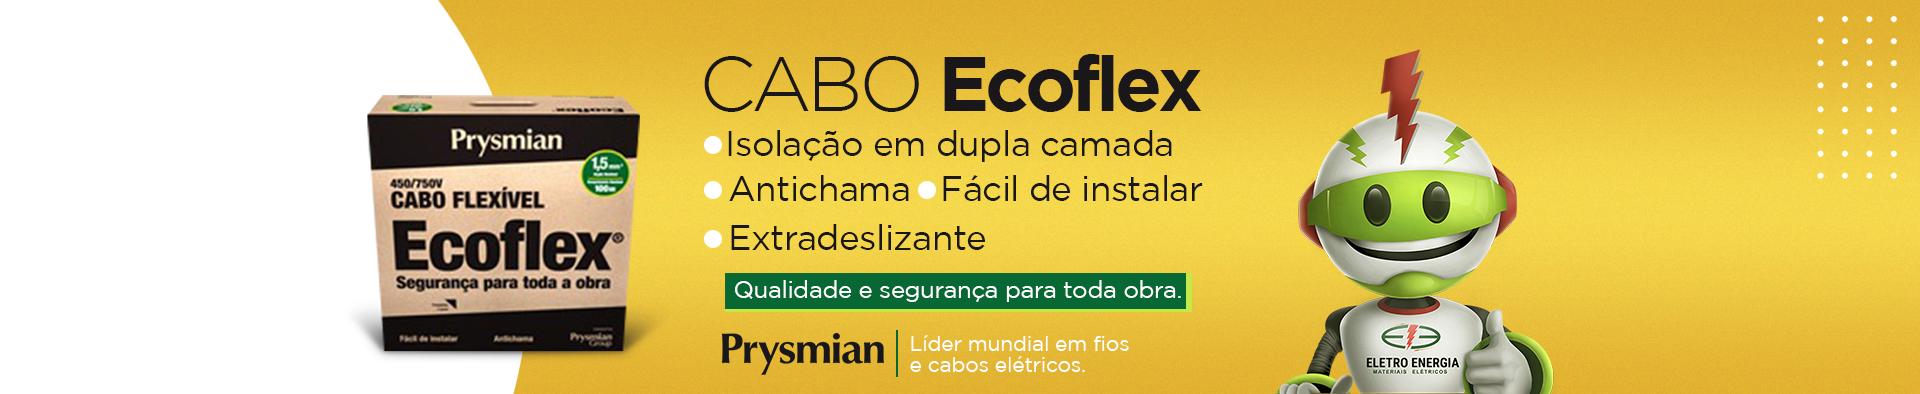 banner-site-07-07-2020---cabo-ecoflex_AF